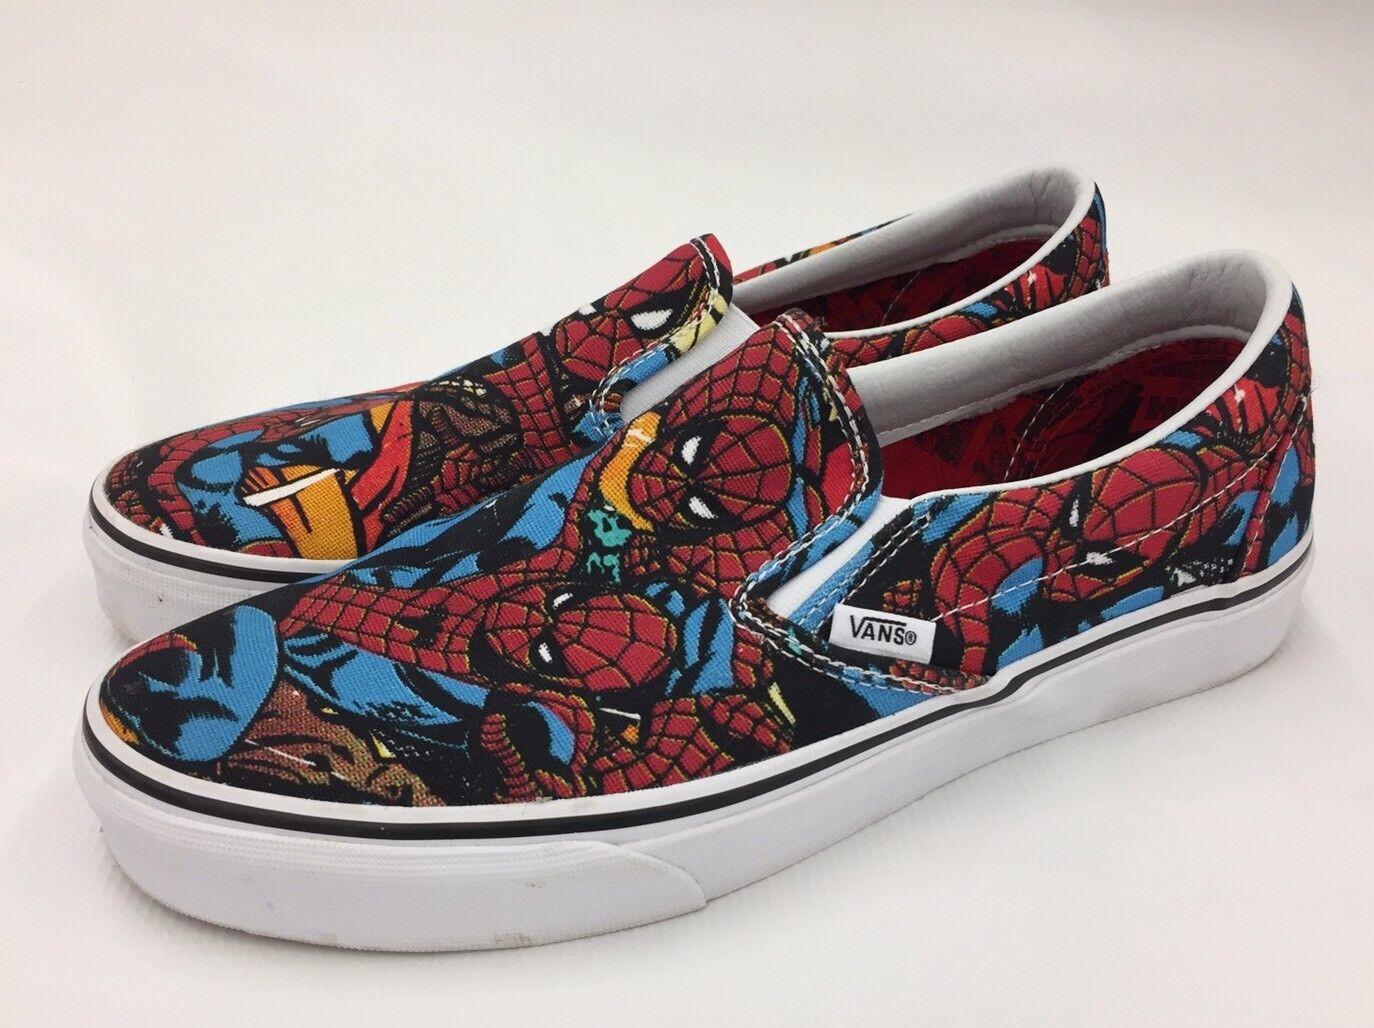 Vans Slip On Chaussures Marvel Spider-Man Homme 9.5 Clean